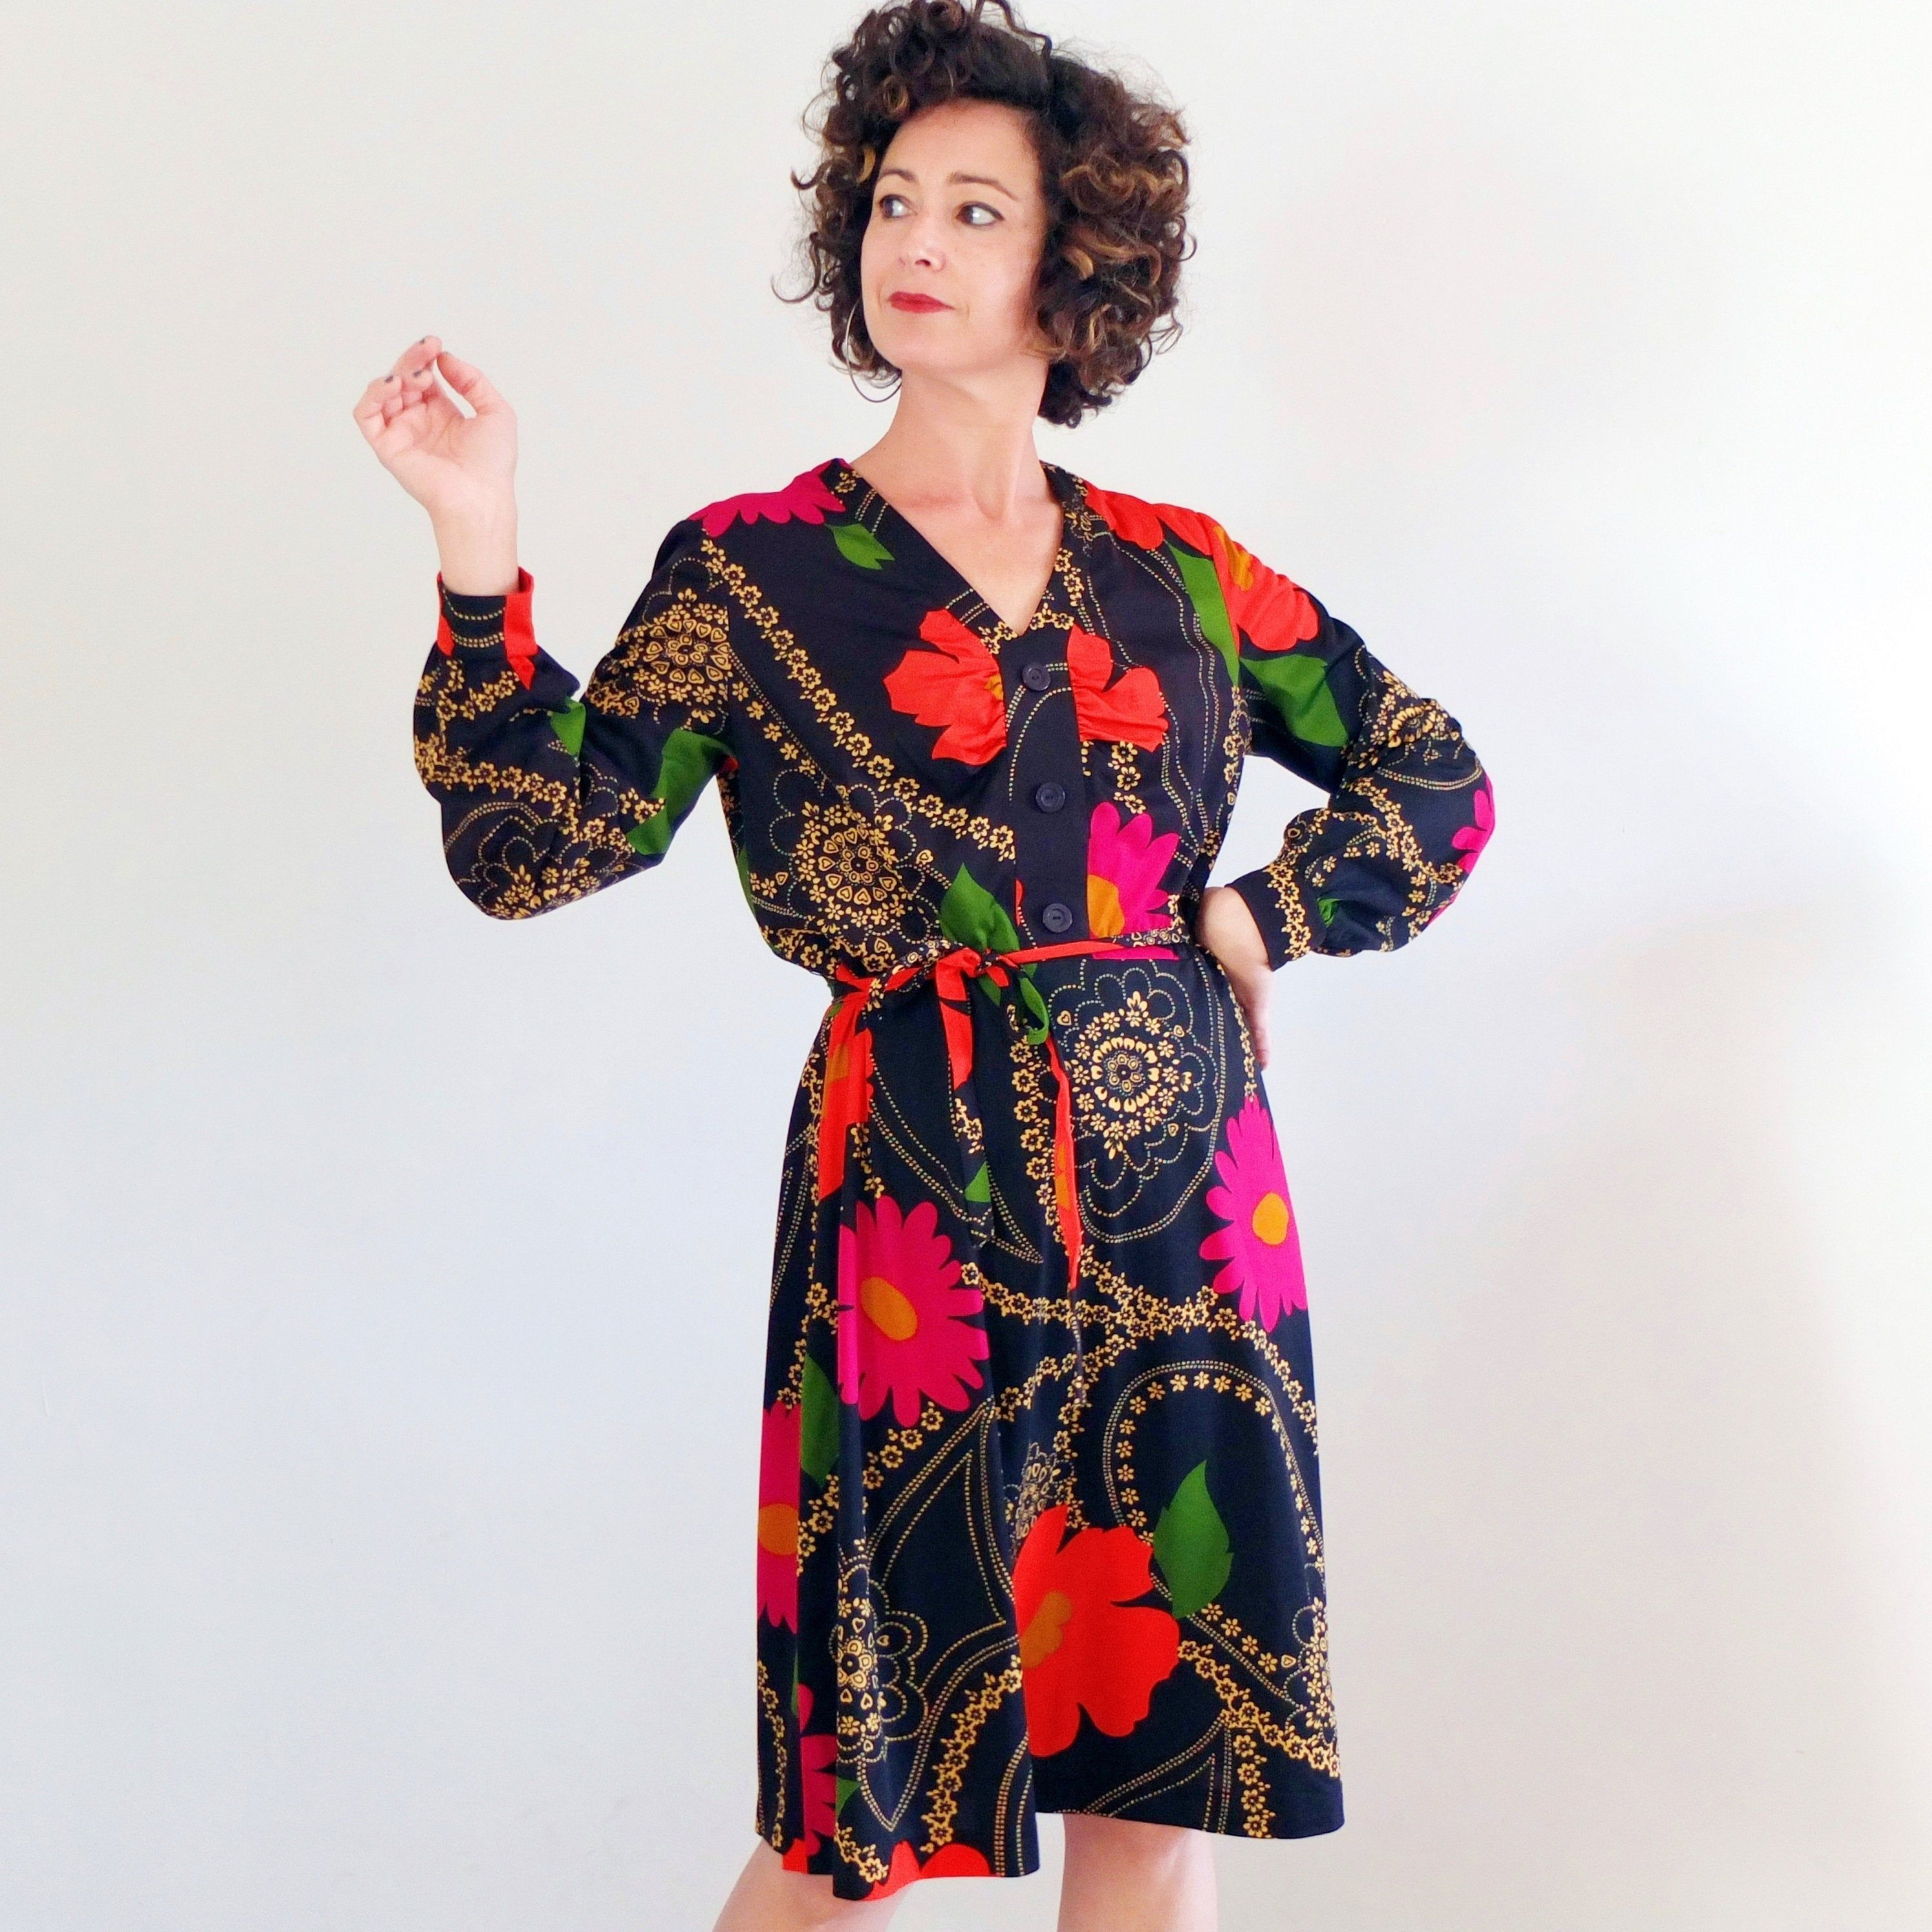 sheer long sleeve short dress boho 1970s dress vintage black 70s floral dress